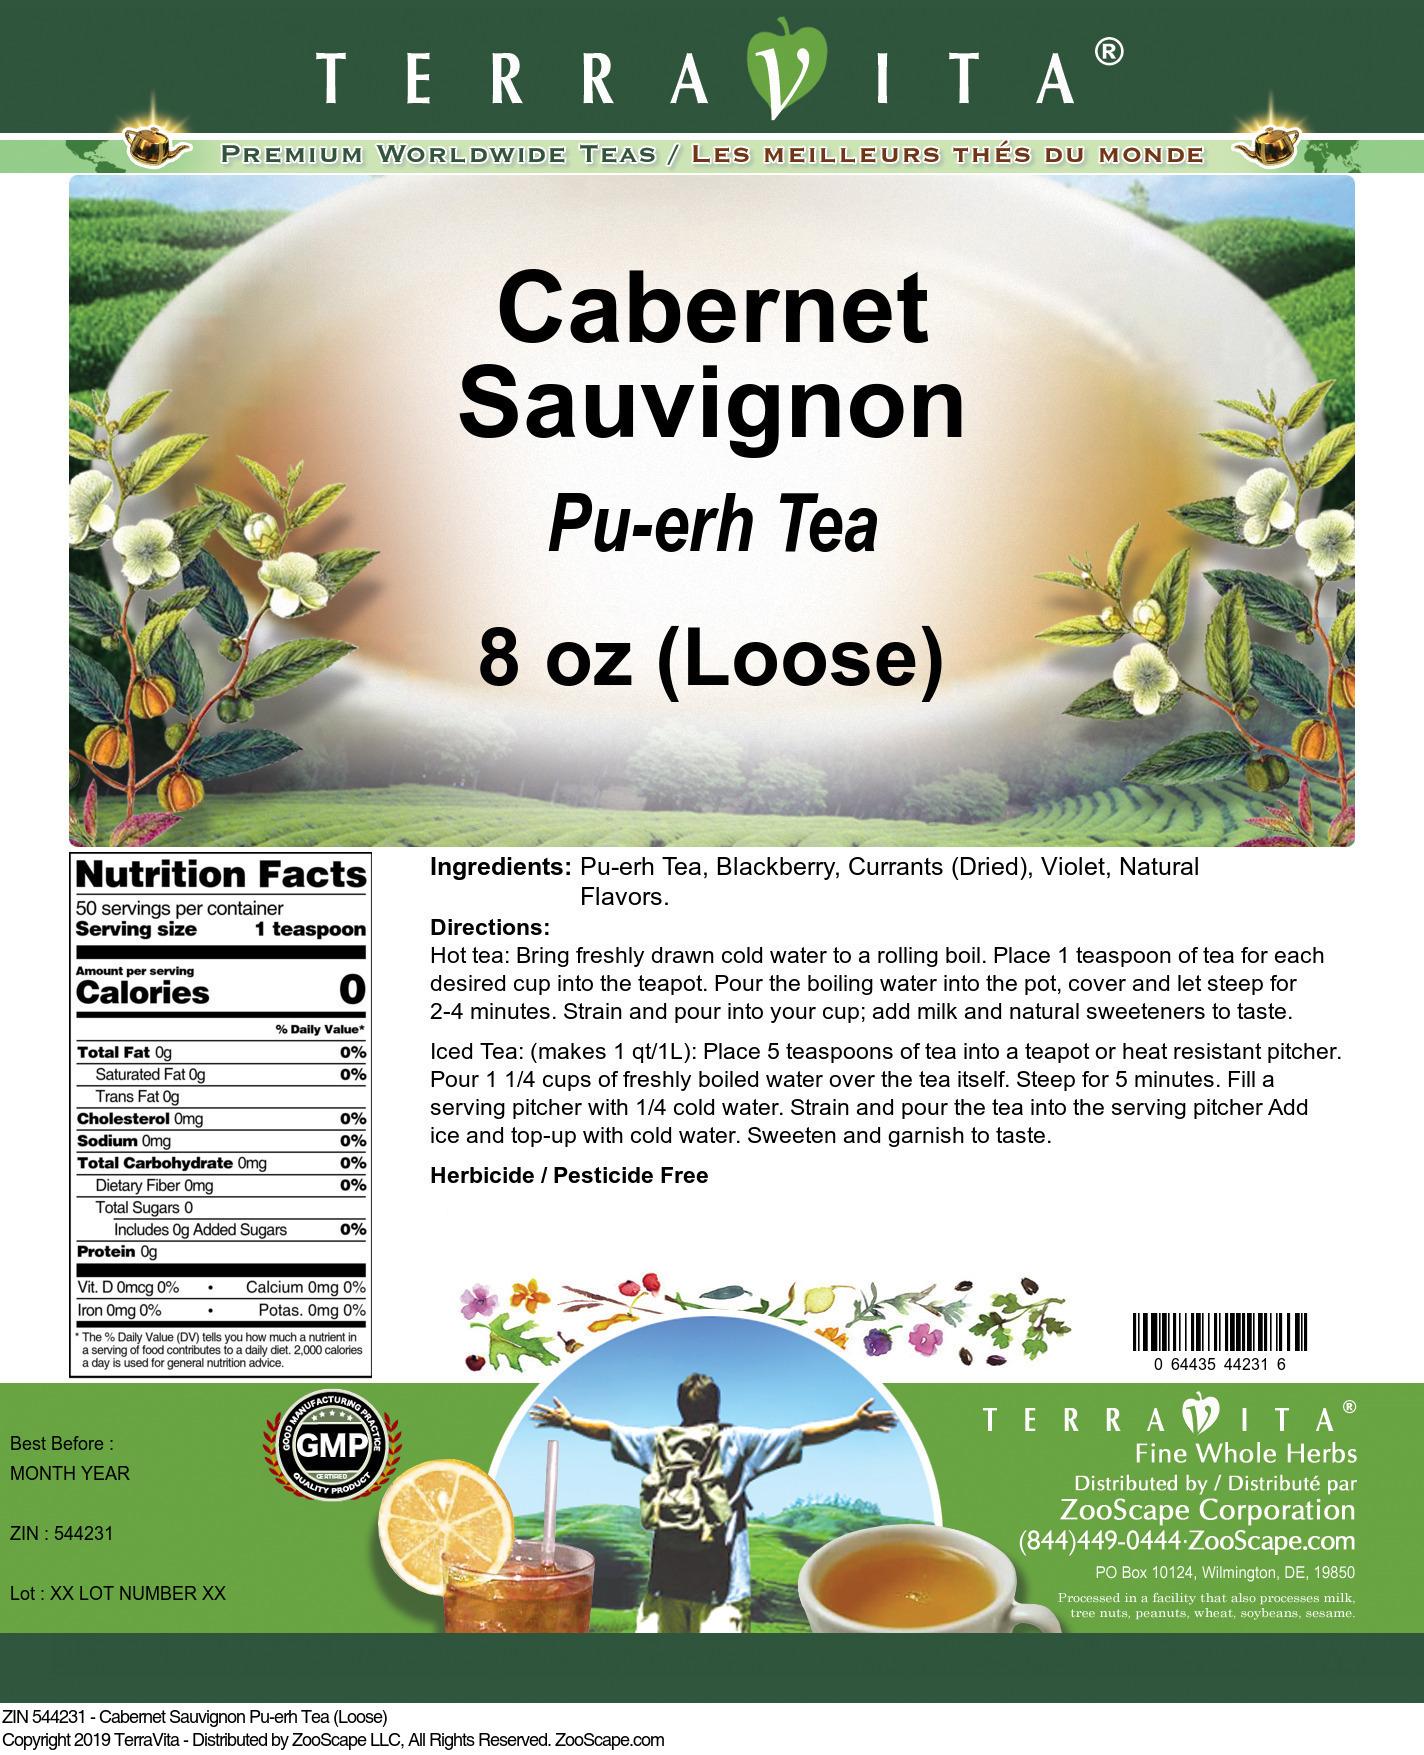 Cabernet Sauvignon Pu-erh Tea (Loose)